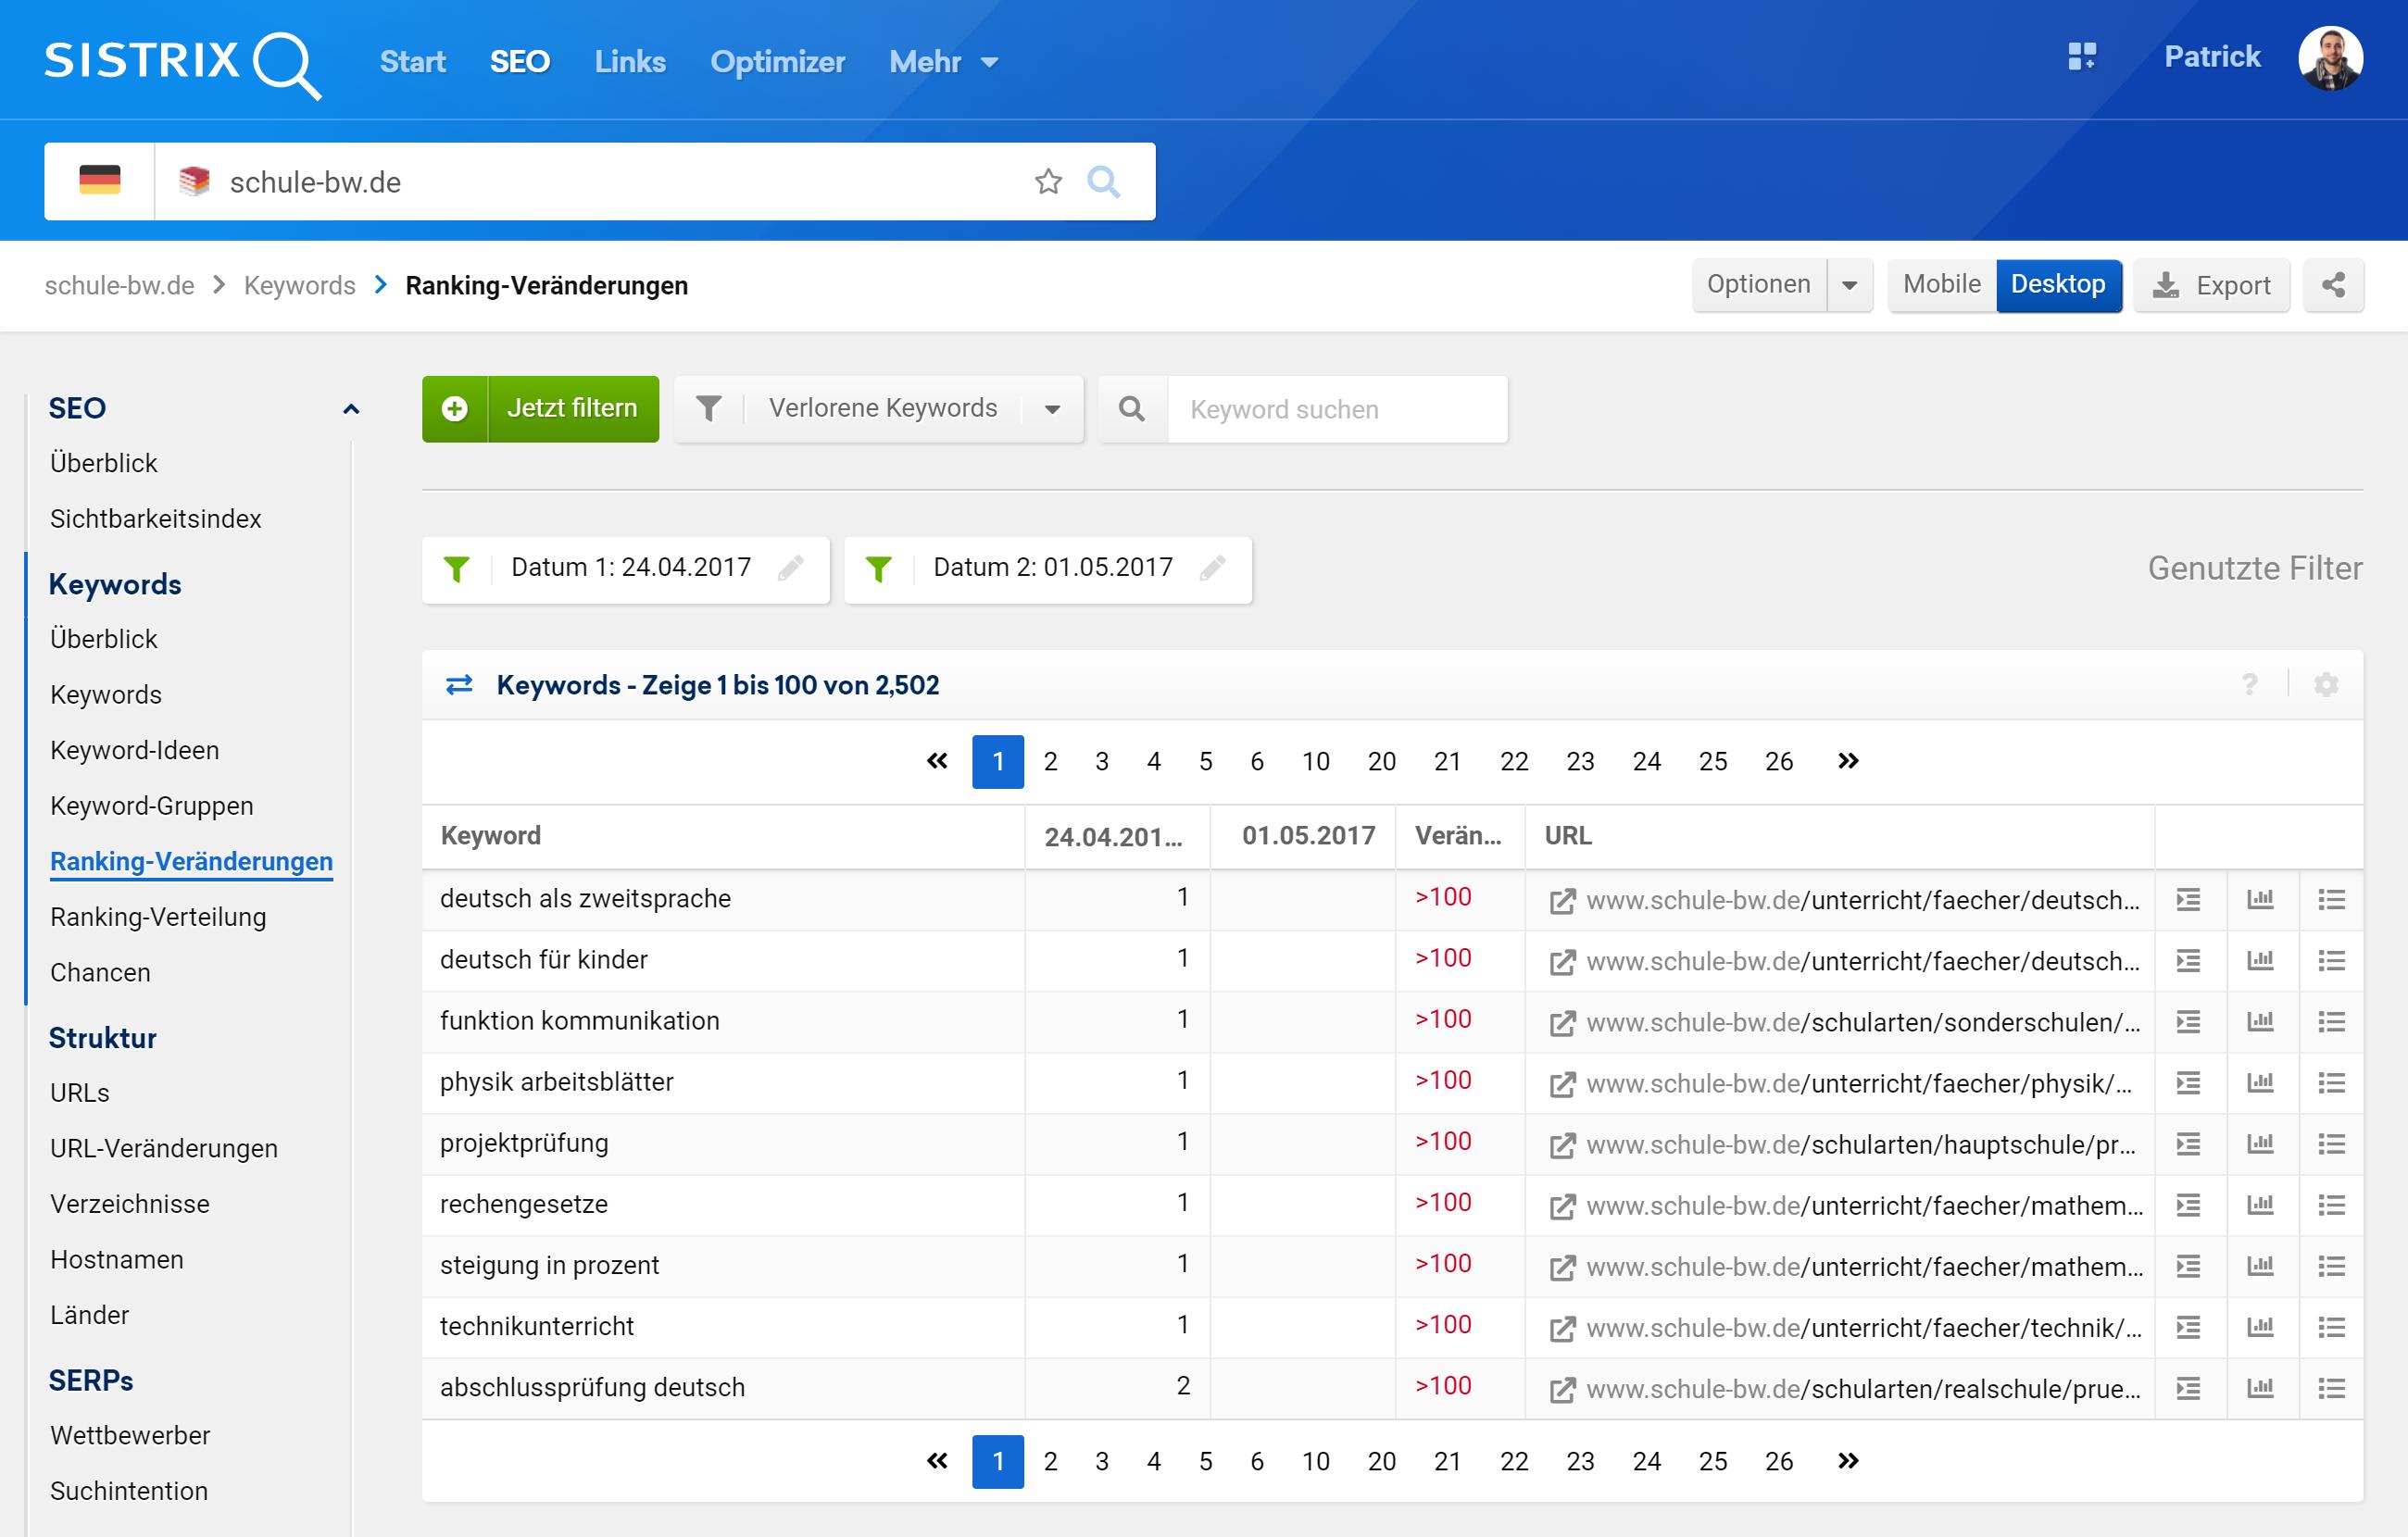 Ansicht der Ranking-Veränderung in der SISTRIX Toolbox für die Domain schule-bw.de. Es werden die Zeitpunkte 24.04.2017 und 01.05.2017 miteinander verglichen und alle verlorenen Keywords angezeigt.